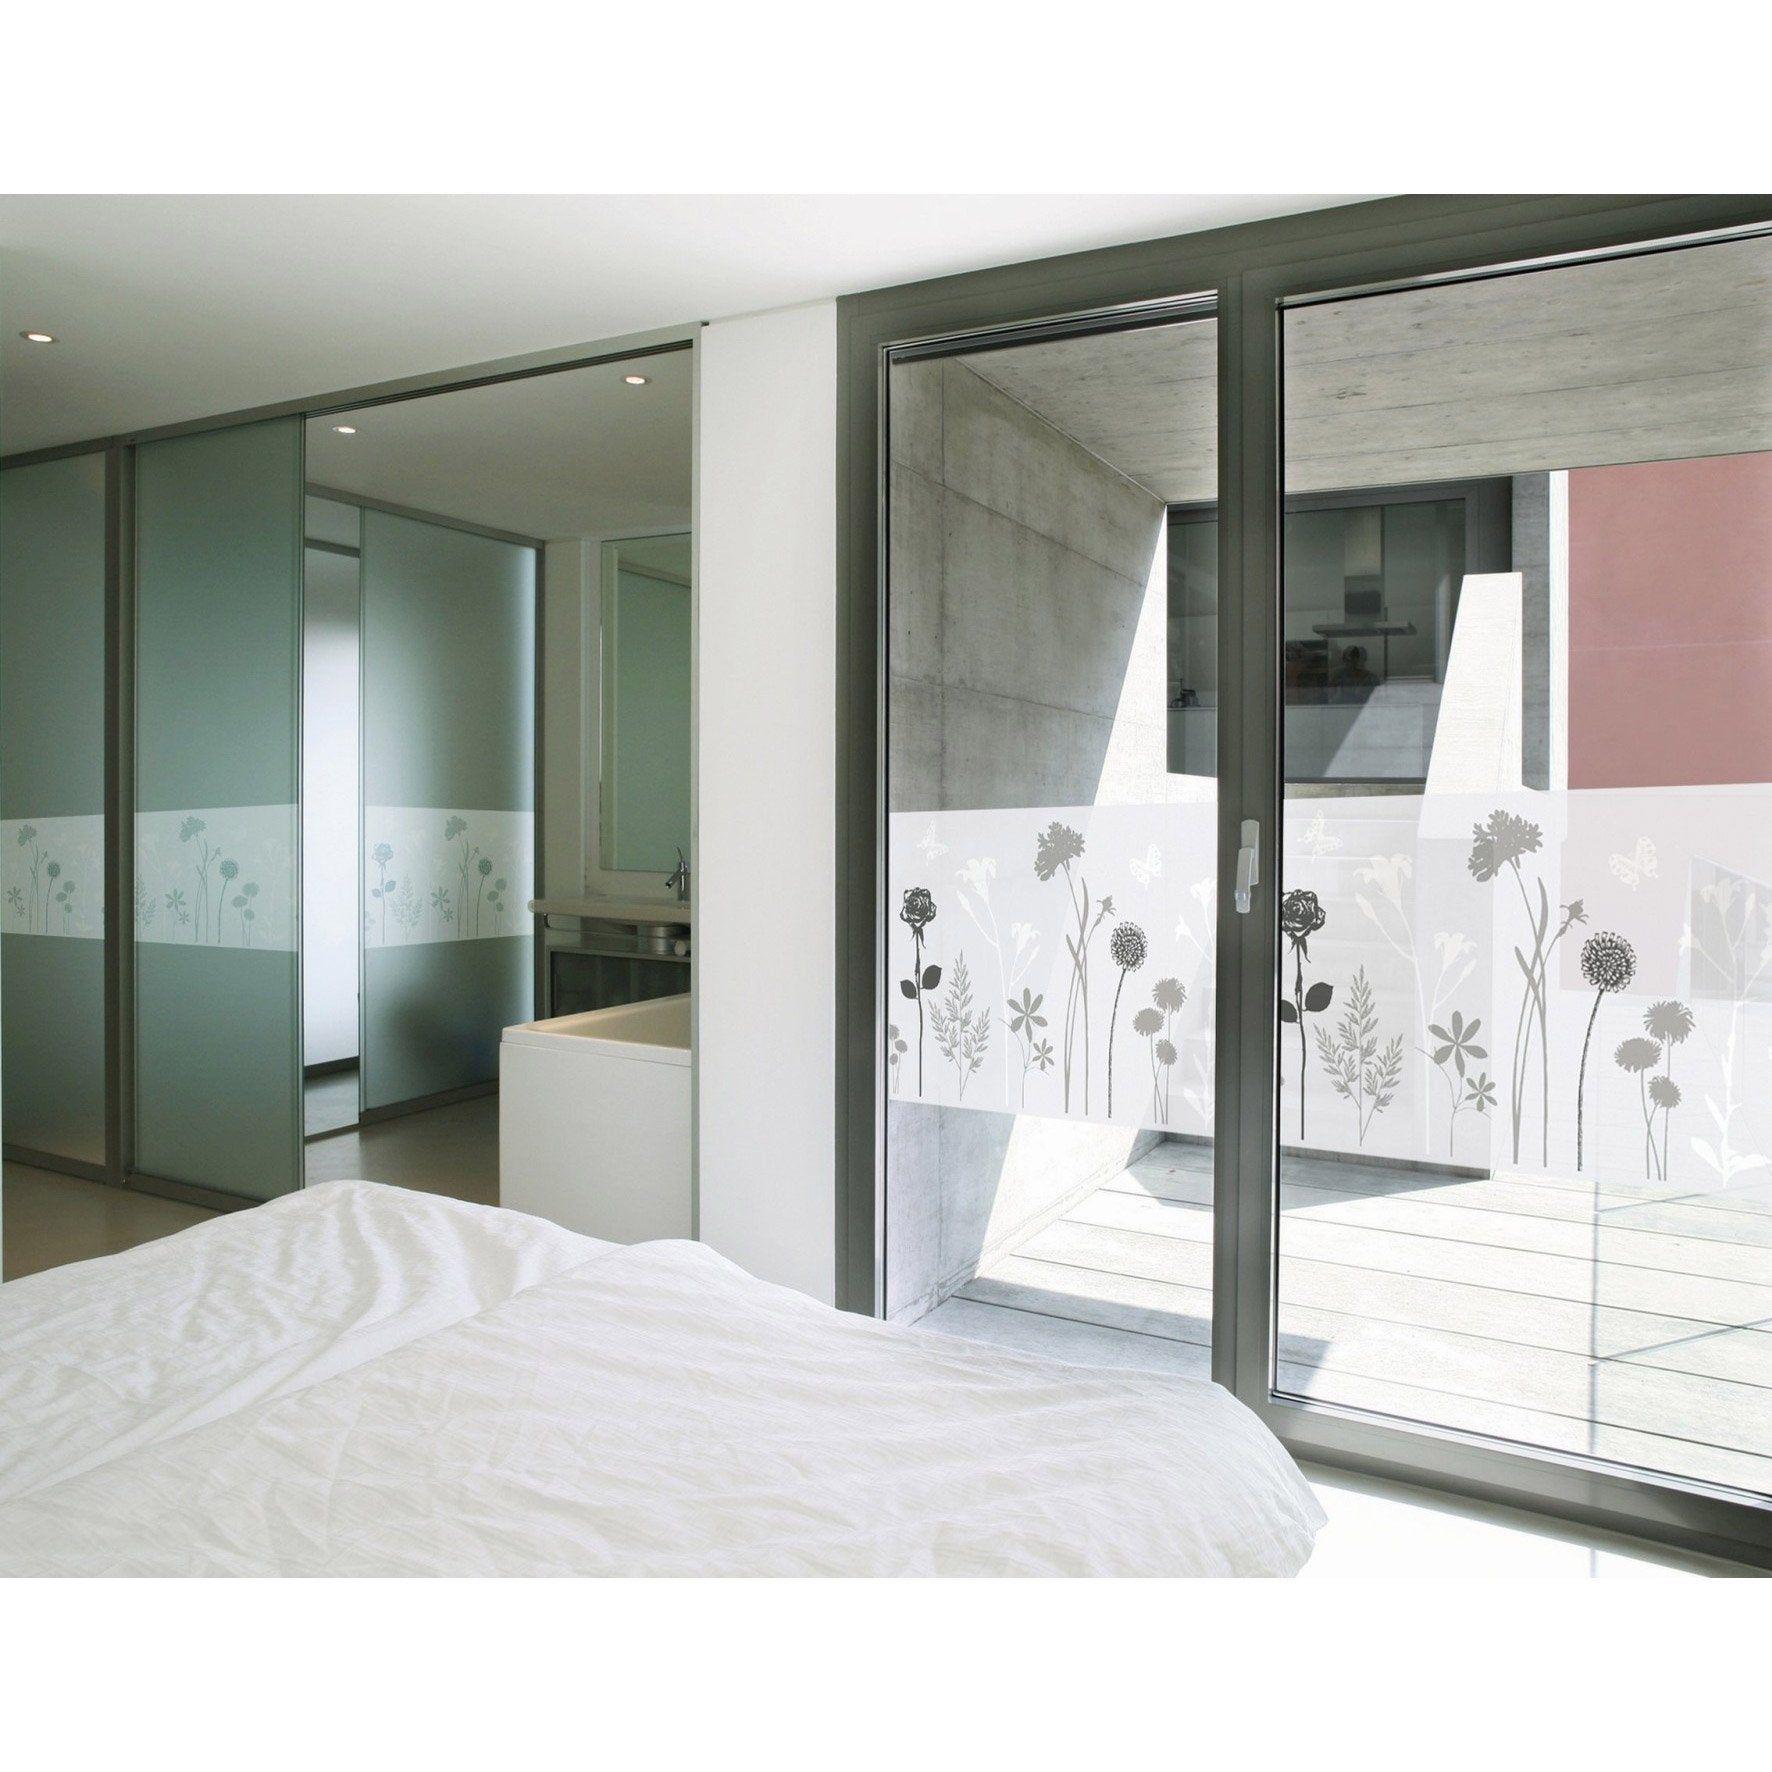 Vitrostatique Pour Vitre Blos Incolore 1 5 M X 0 45 M Film Pour Fenetre Decoration Fenetre Et Vitre